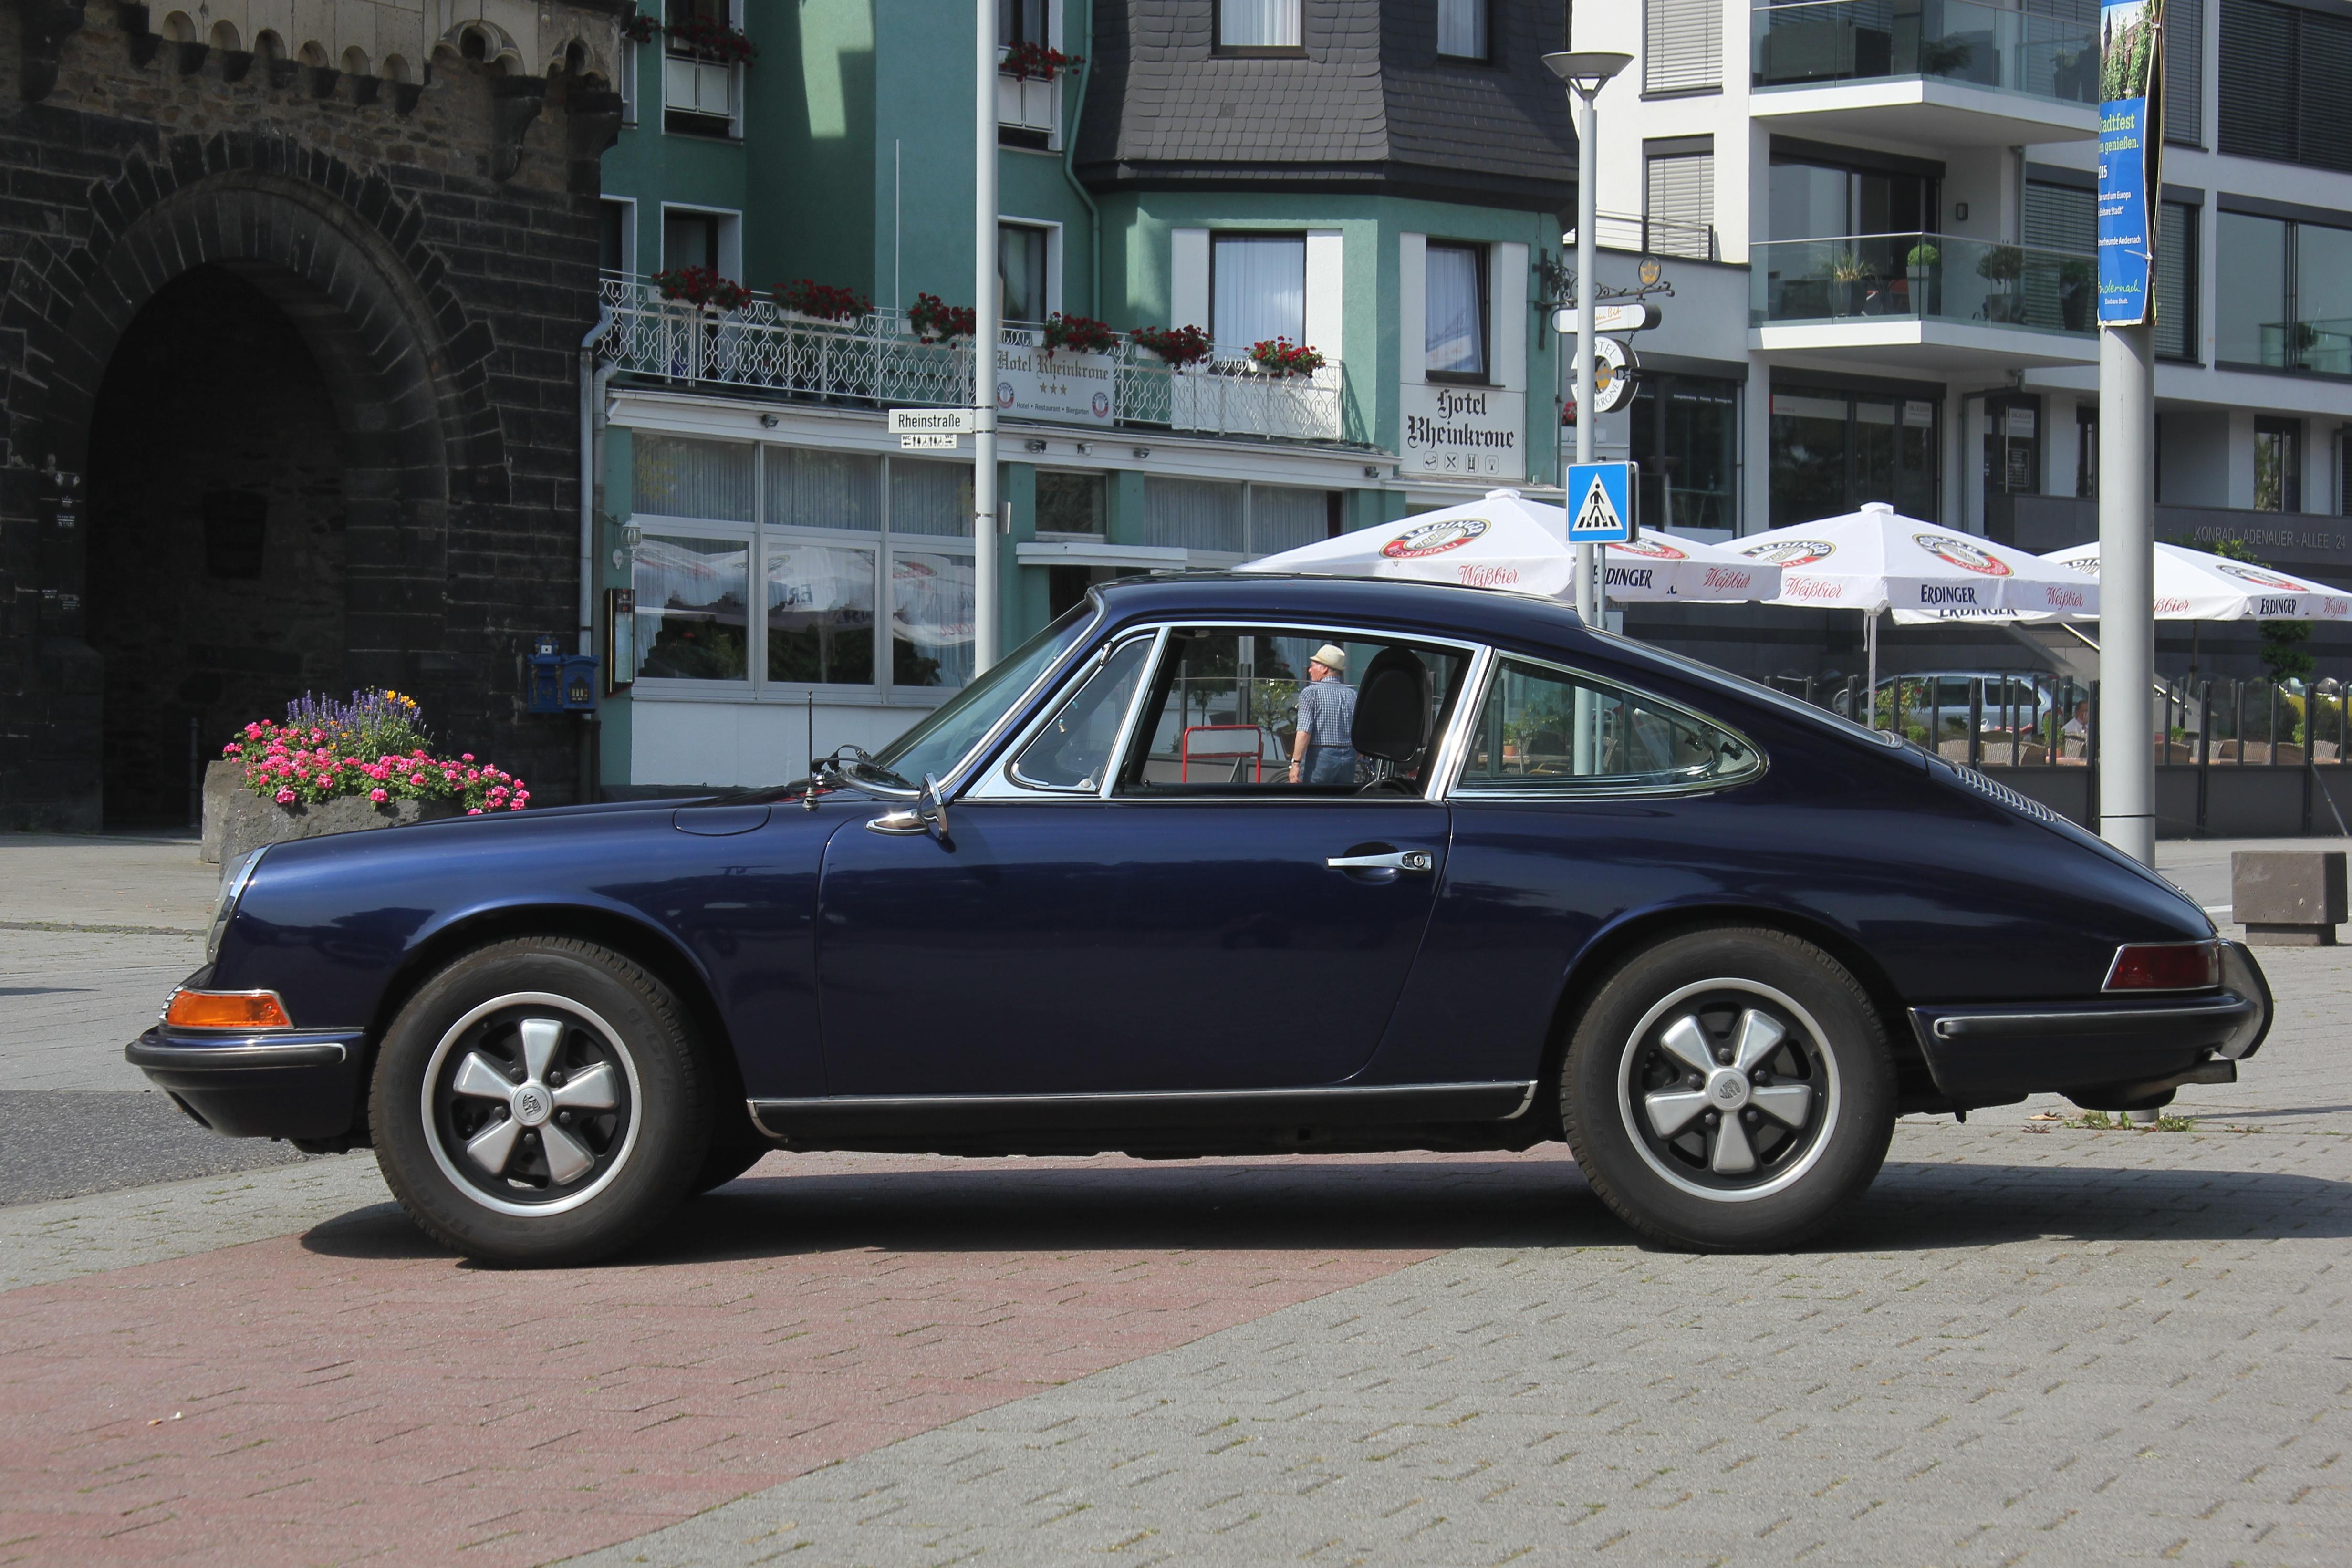 Porsche_912%2C_Bj._1968_%282015-07-04%29